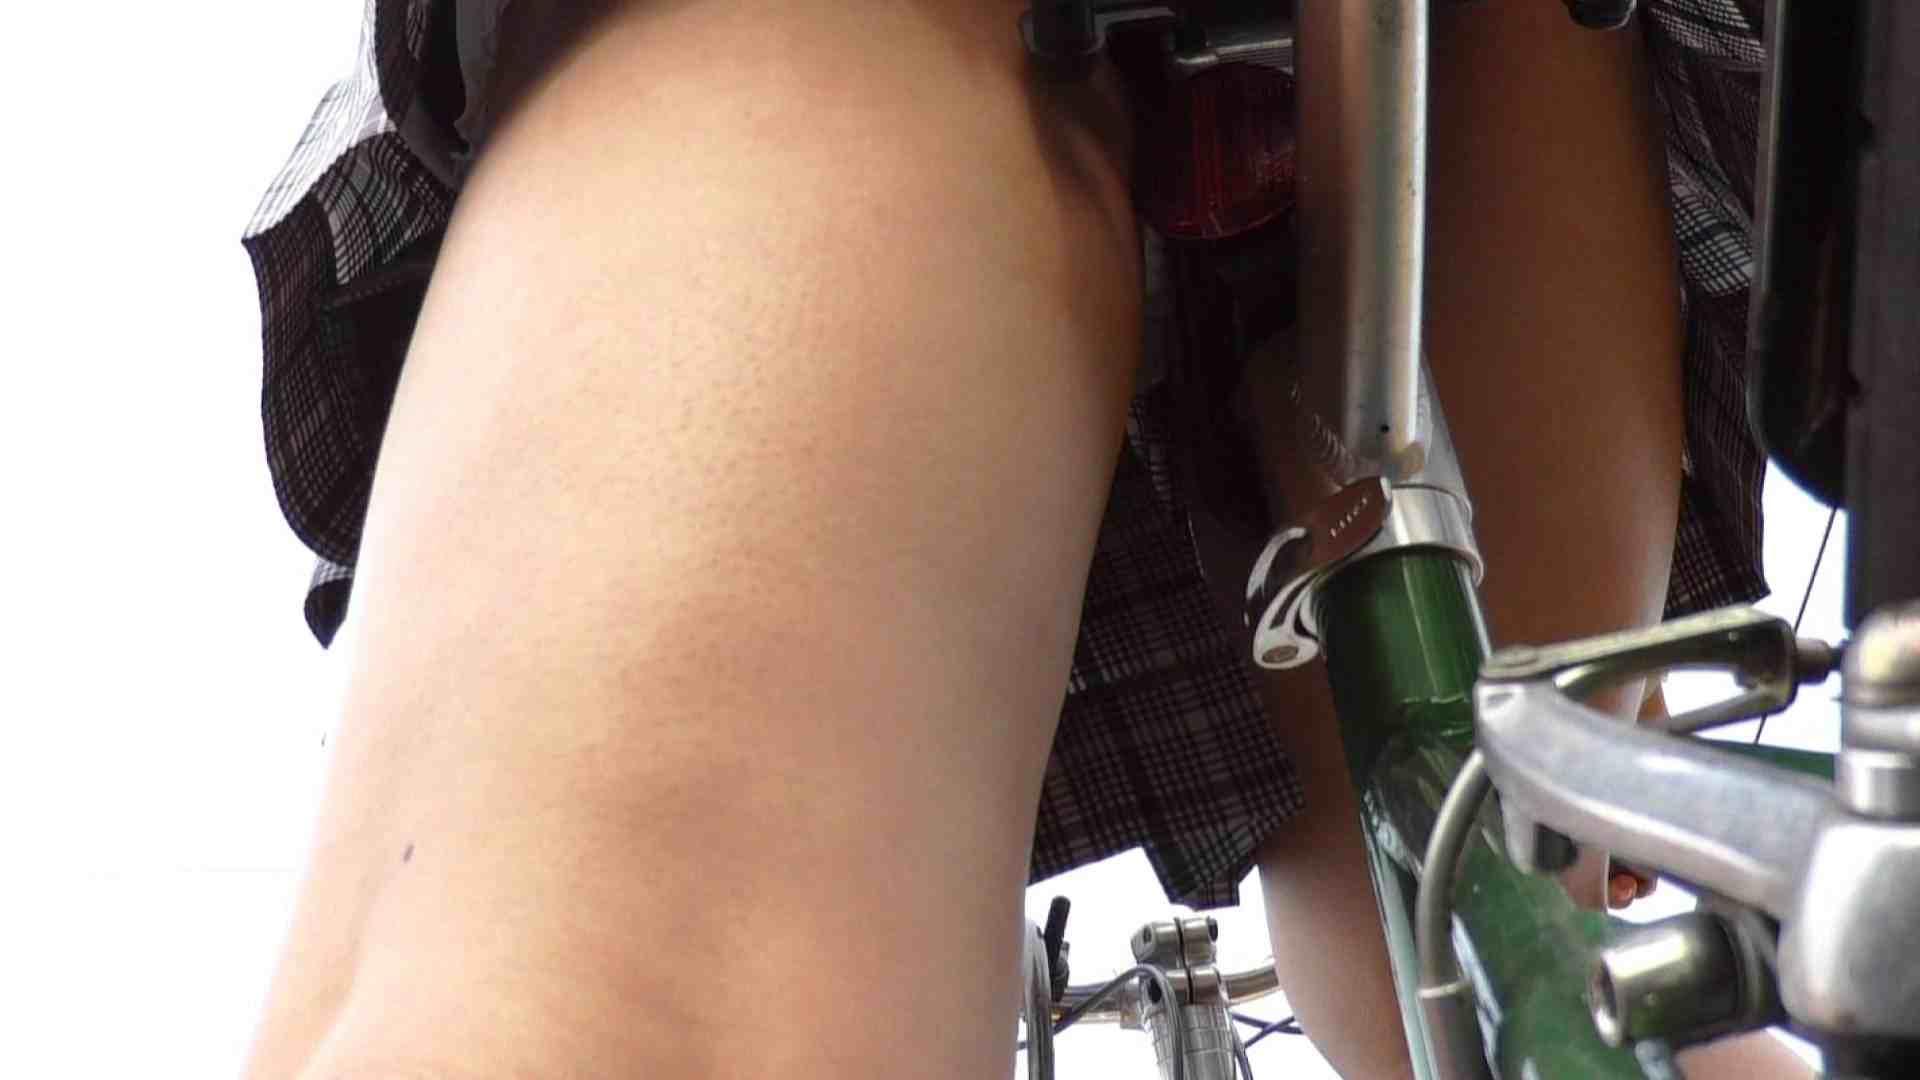 自転車パンチラ Vol.01 おしりムチムチ オマンコ無修正動画無料 90画像 63